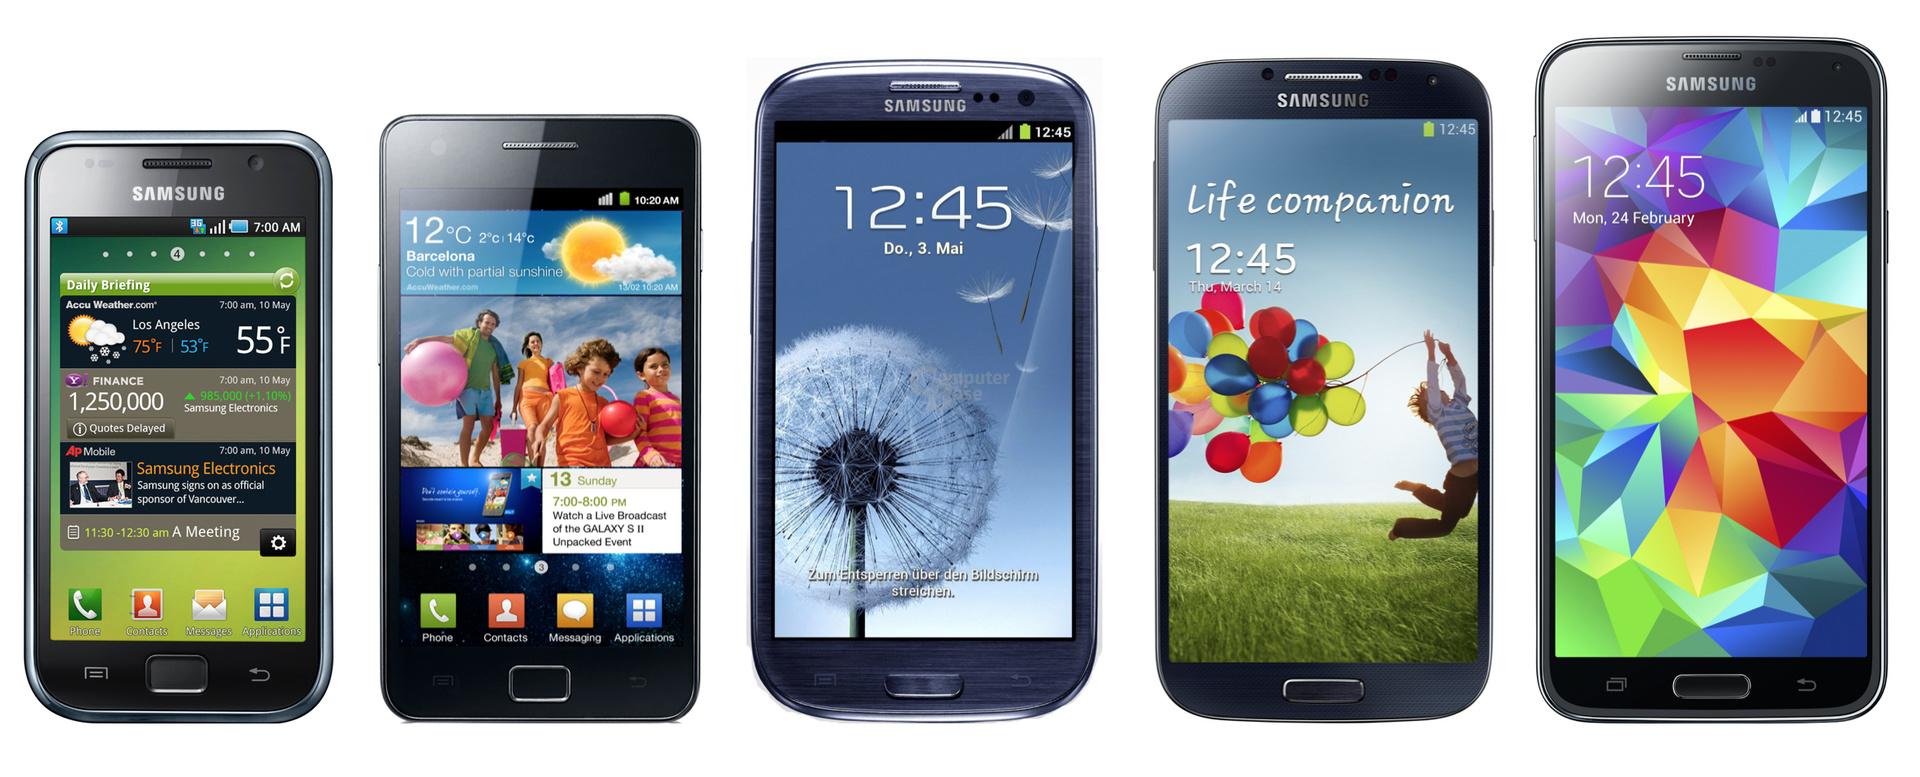 v.l.n.r.: Samsung Galaxy S bis Galaxy S5